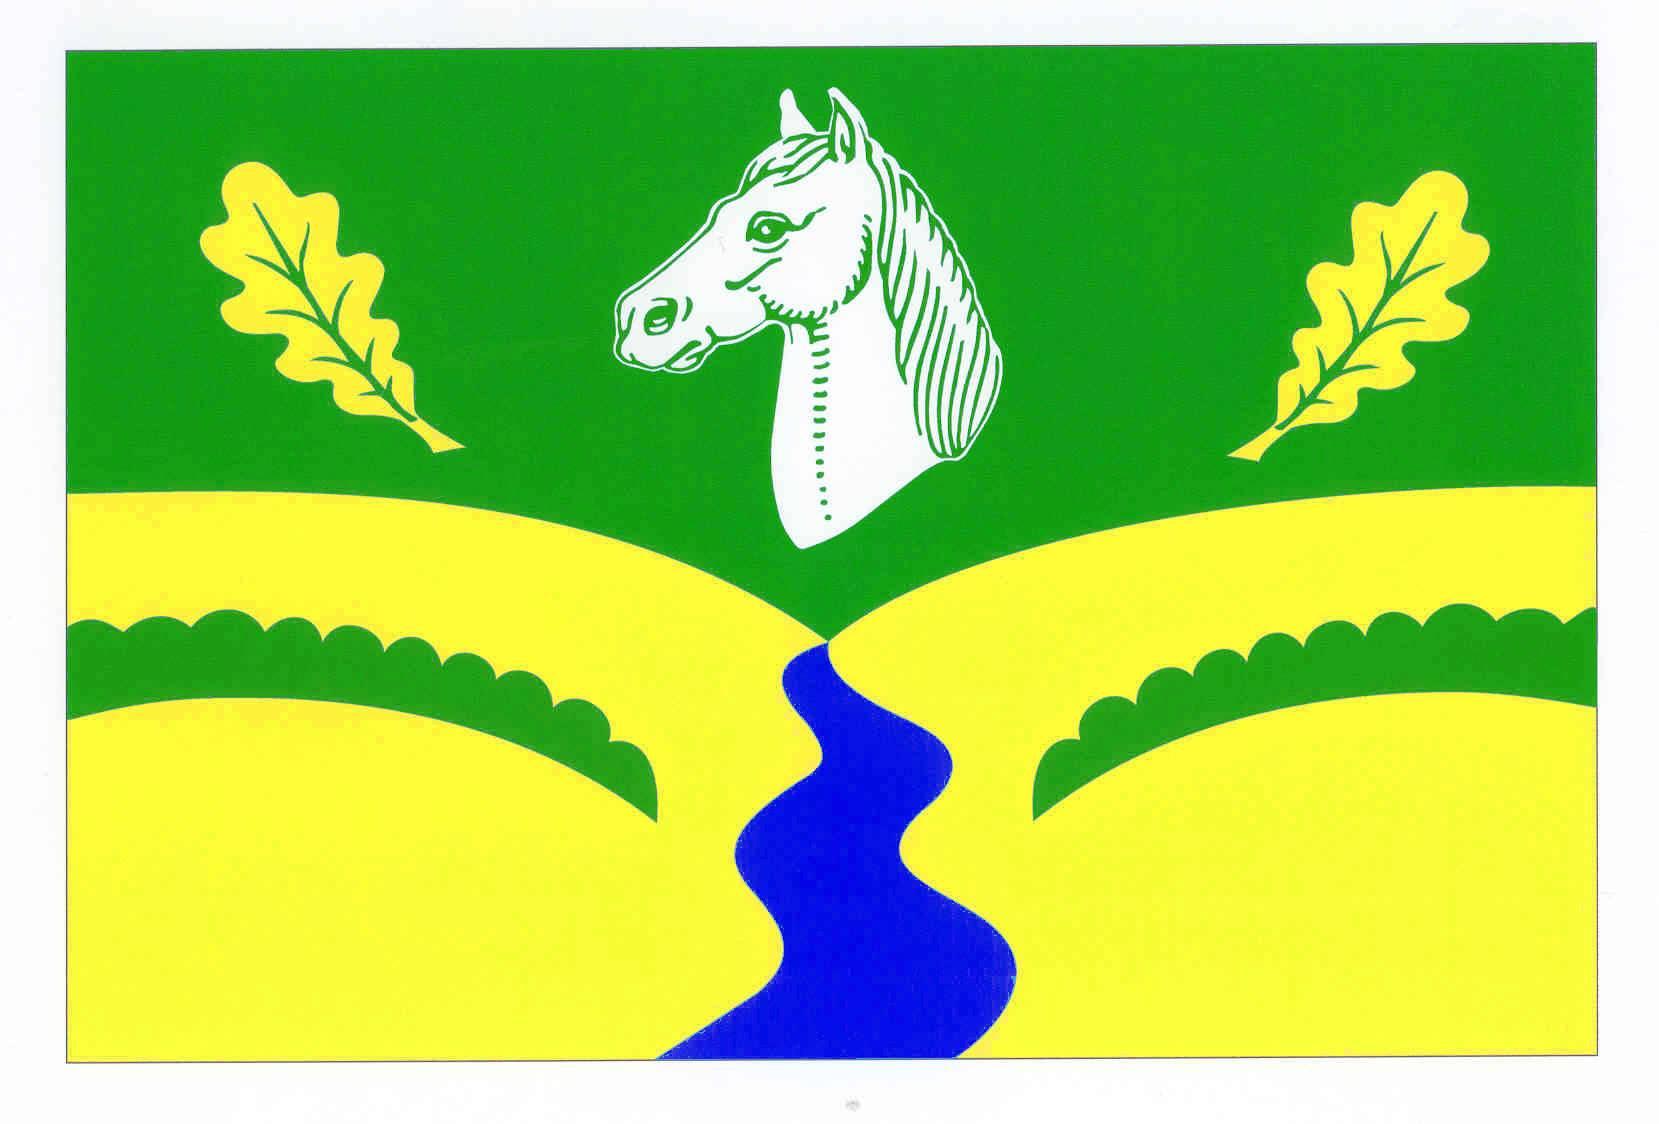 Flagge GemeindeTraventhal, Kreis Segeberg